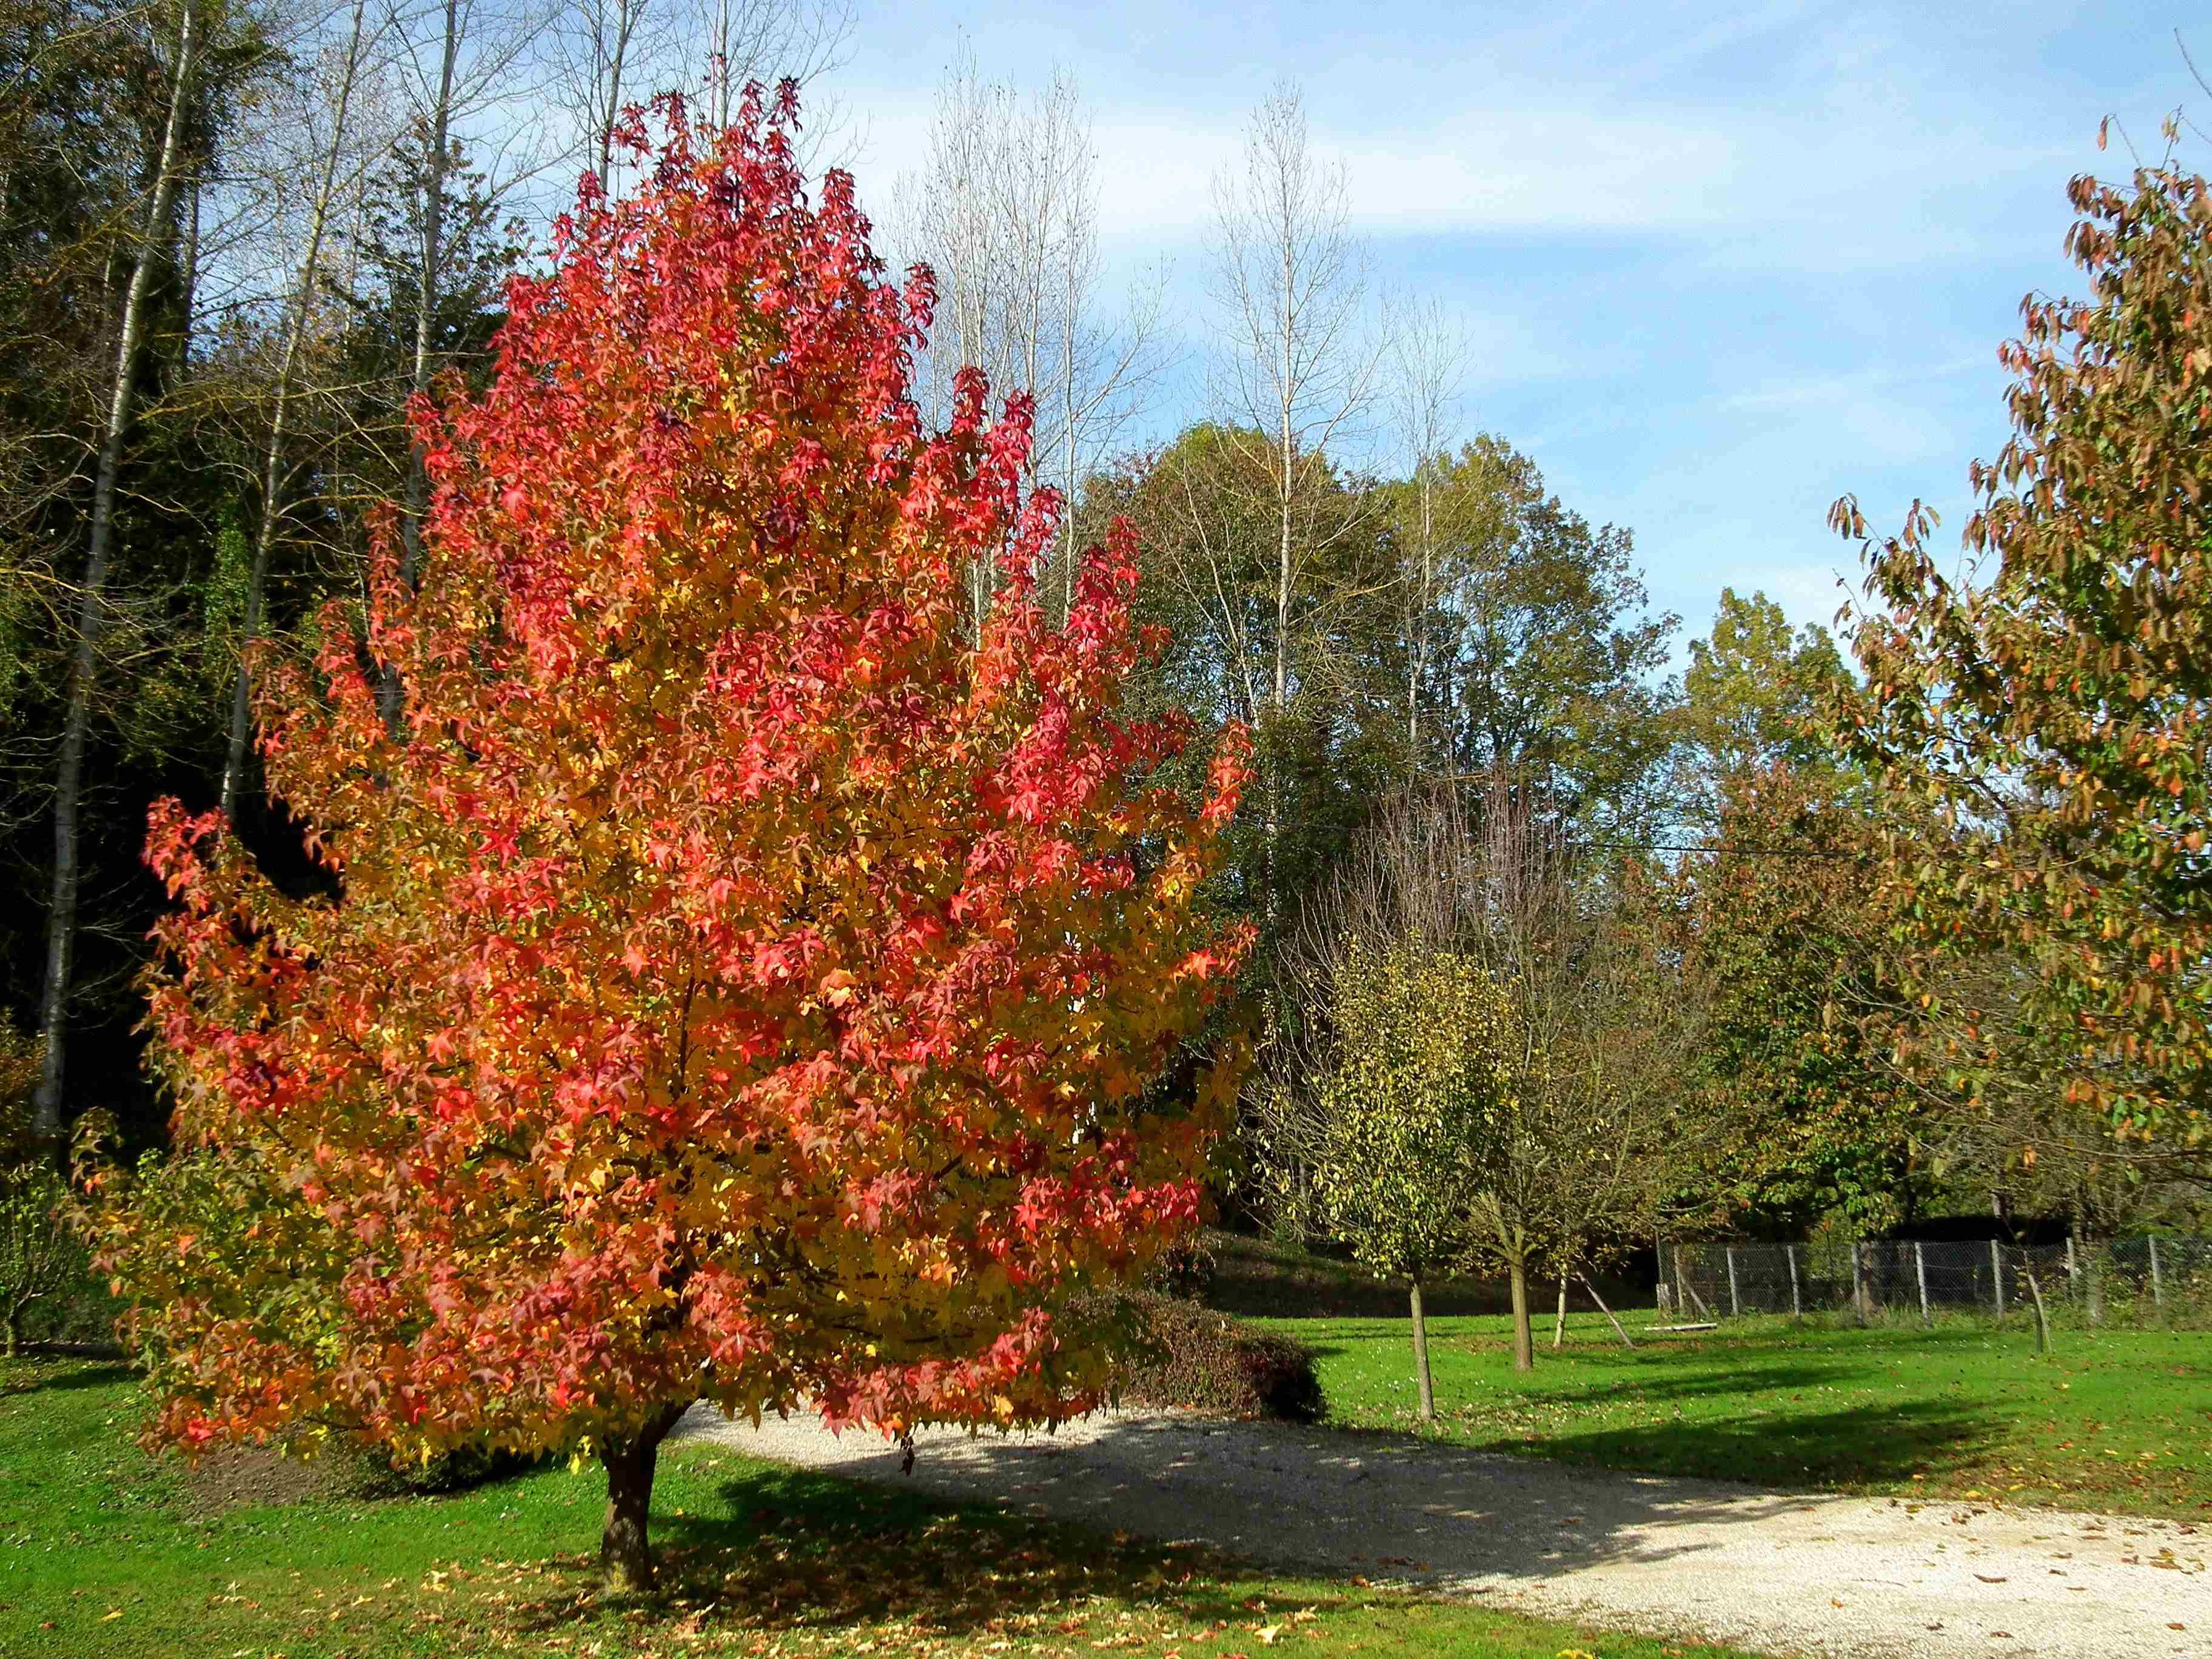 L automne charme par son feuillage jardinier conseil for Jardinier conseil